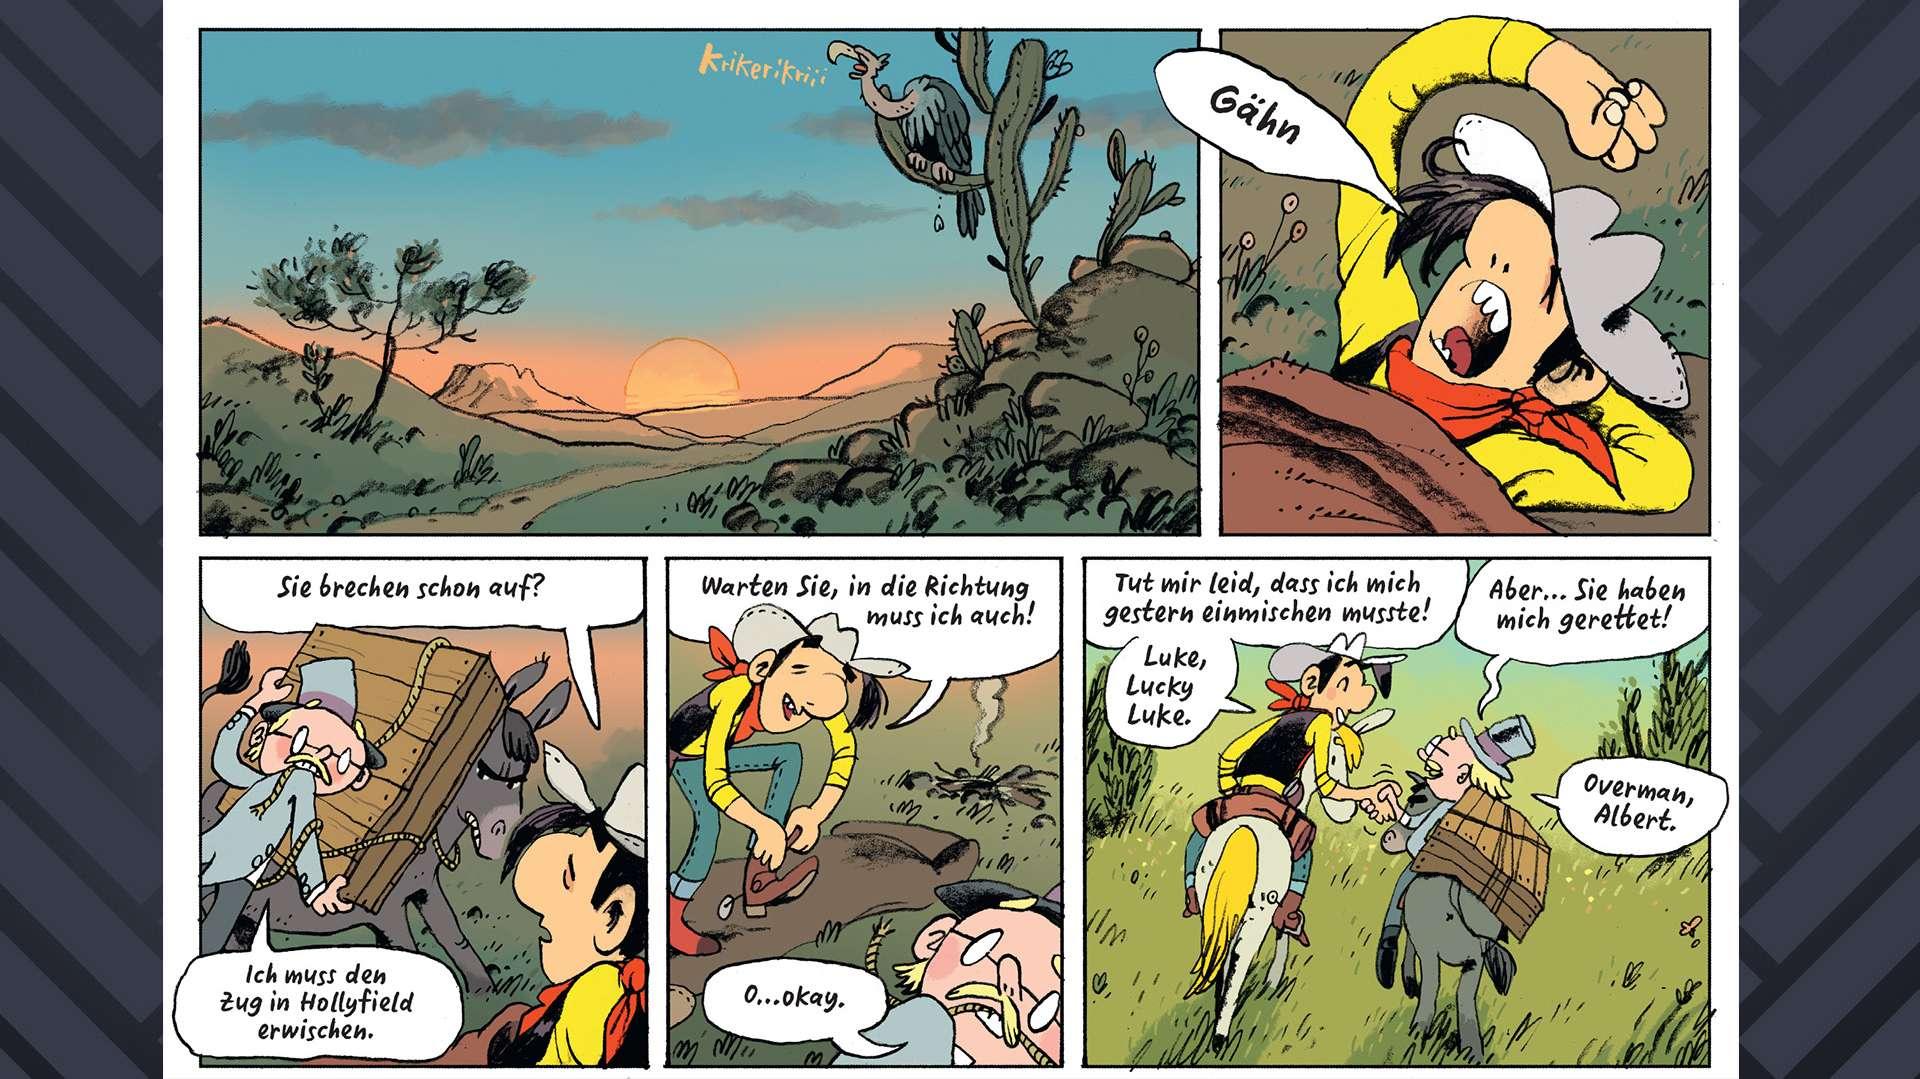 """Lucky Luke wacht auf. Ein kleiner blonder Mann mit Hut lädt eine große Holzkiste auf sein wütendes Pferd. Lucky Luke fragt: """"Sie brechen schon auf?"""". Er antwortet: """"Ich muss den Zug nach Hollyfield erwischen."""" Lucky Luke darauf: """"Warten Sie, in die Richtung muss ich auch."""" Gemeinsam reiten sie los und stellen sich einander vor."""